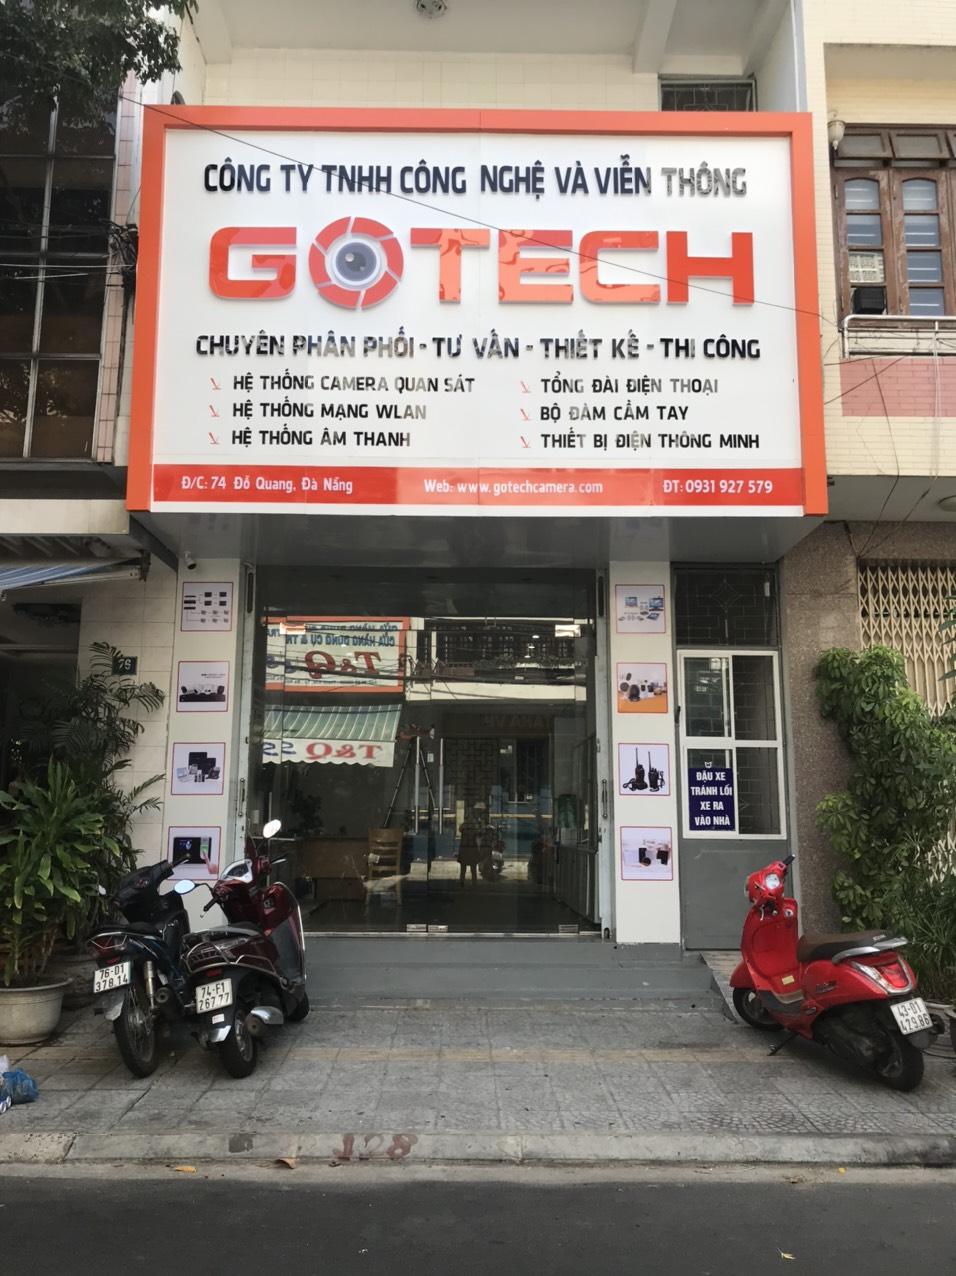 tru-so-chinh-vien-thong-gotech-tai-74-do-quang-da-nang